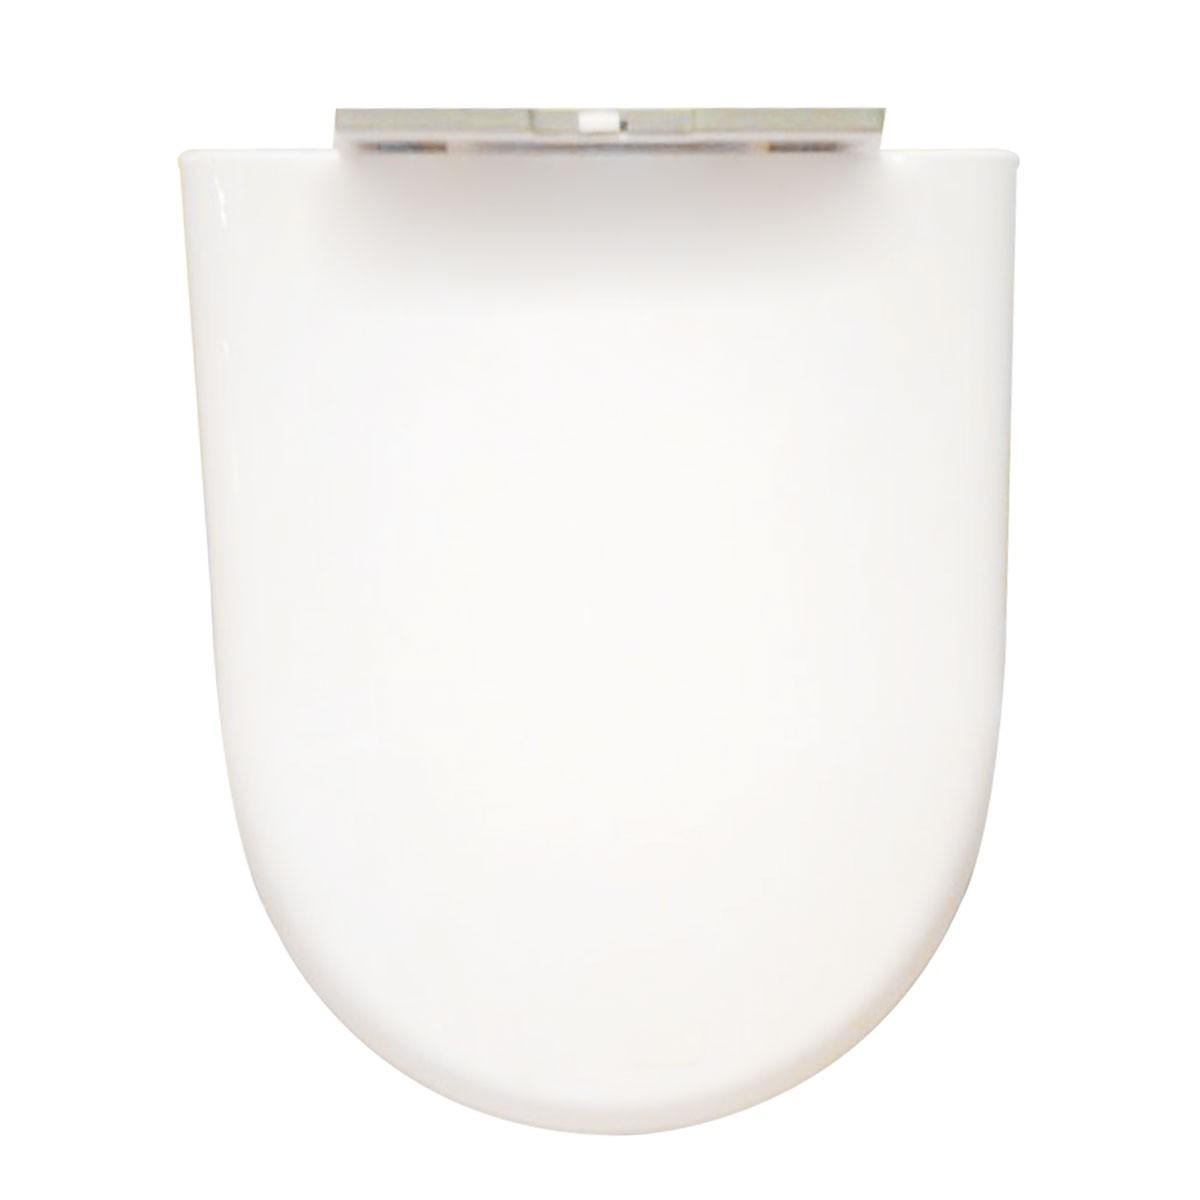 Si ge de toilette blanc fermeture douce avec couvercle en pp dk cl 026 - Couvercle de toilette ...